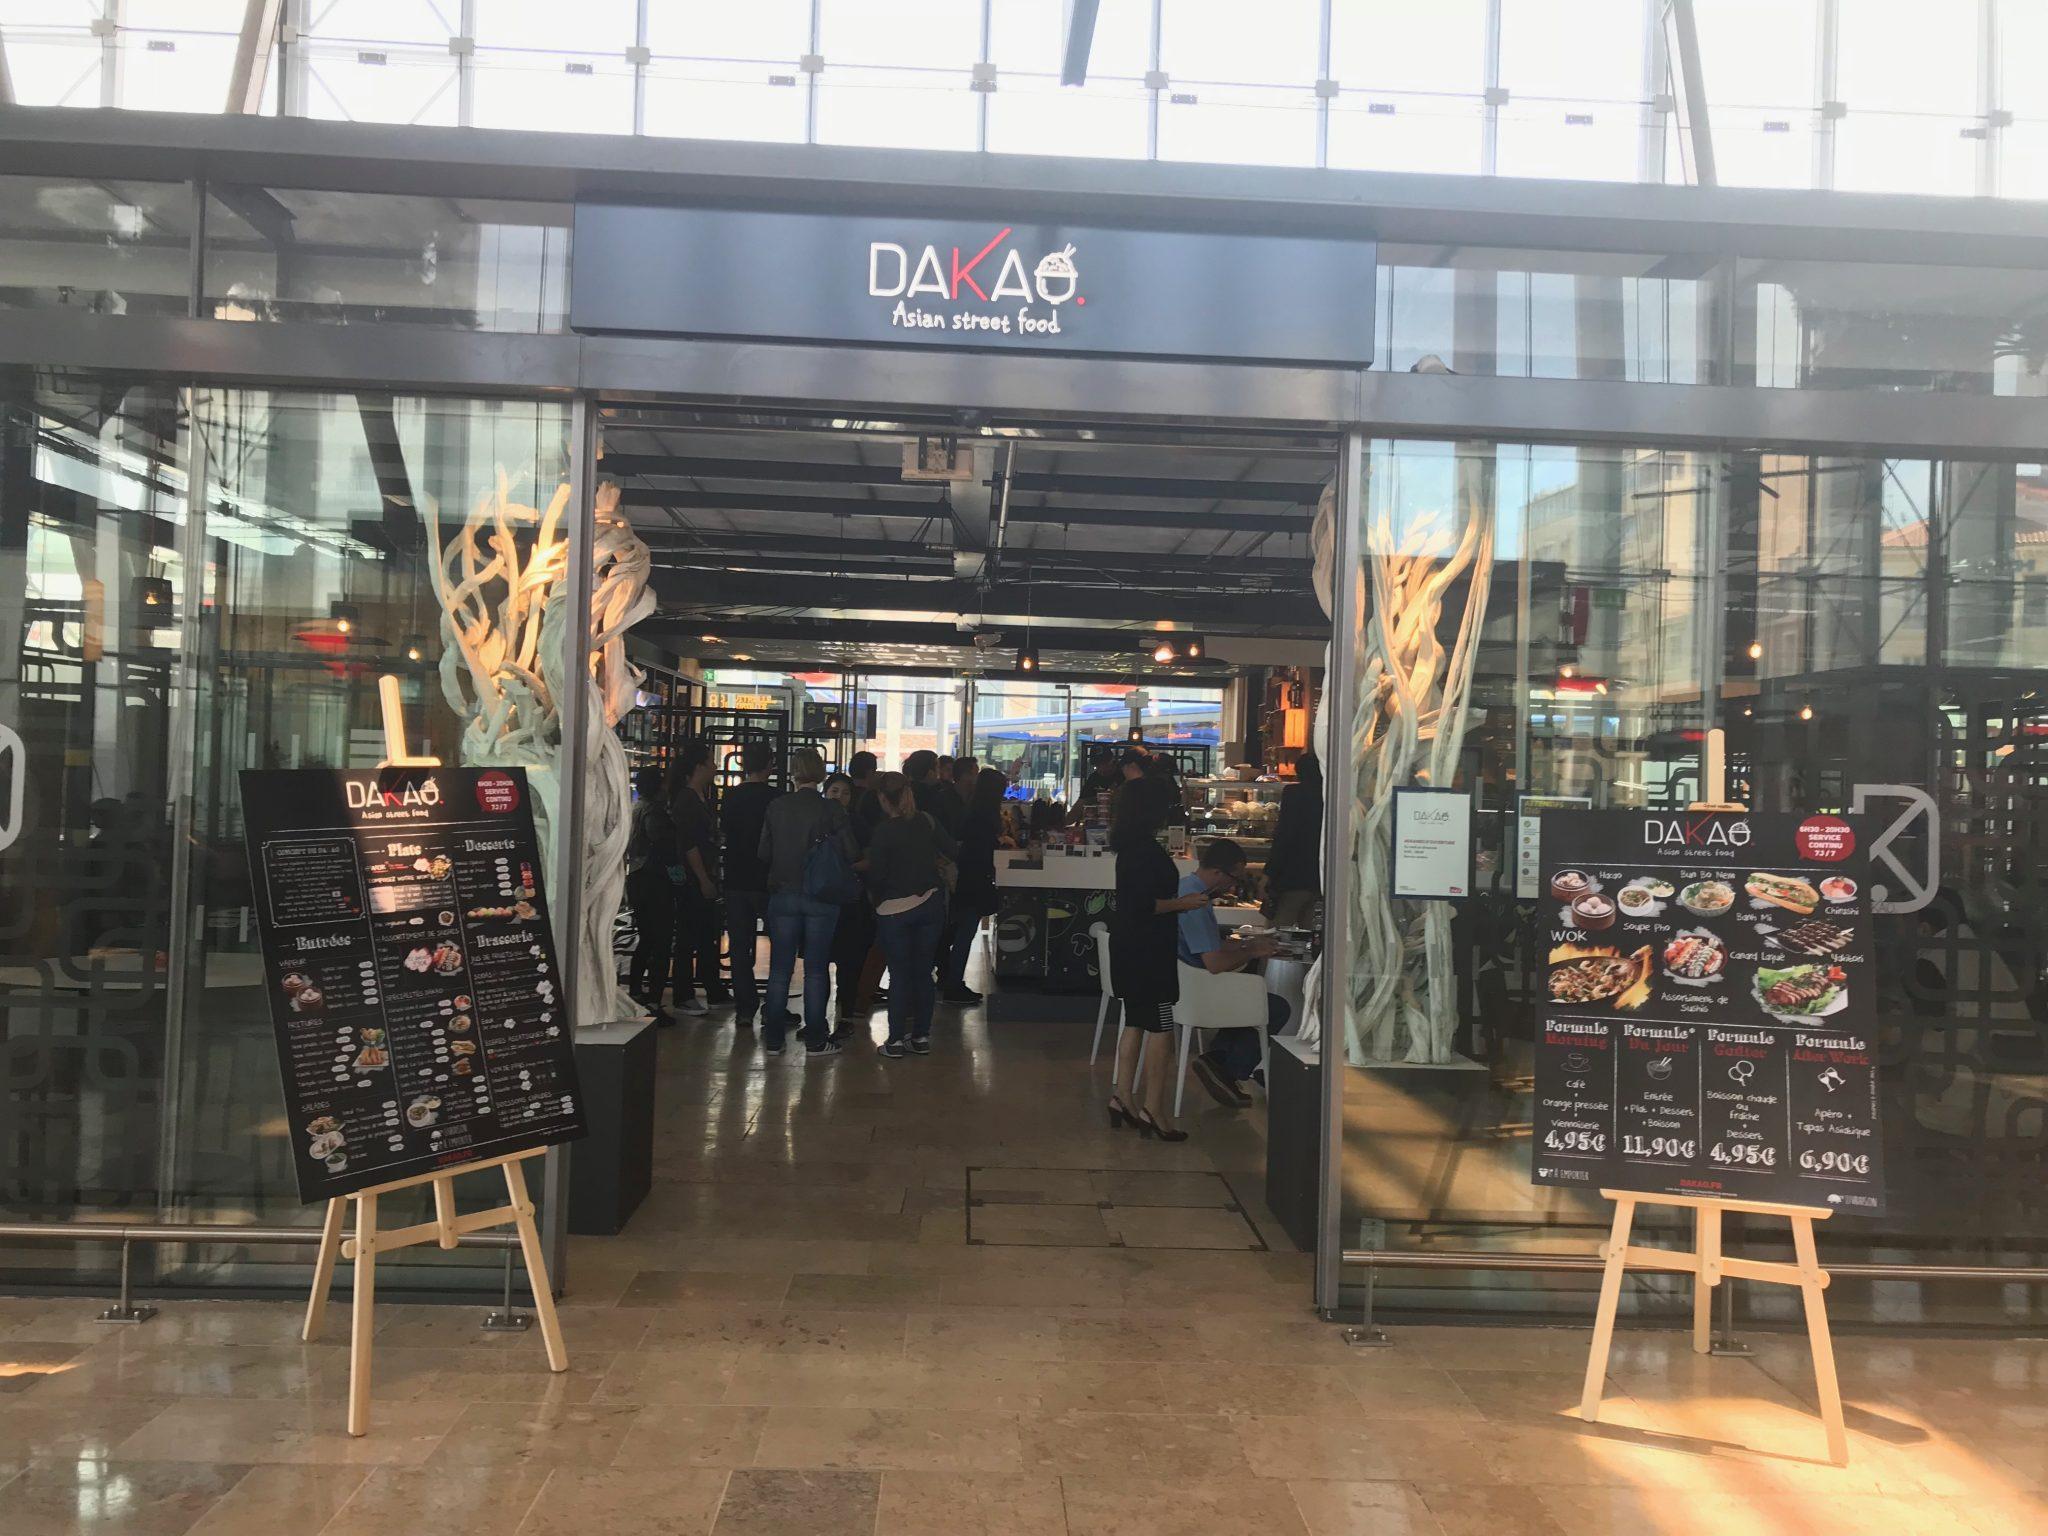 Dakao Gare St Charles